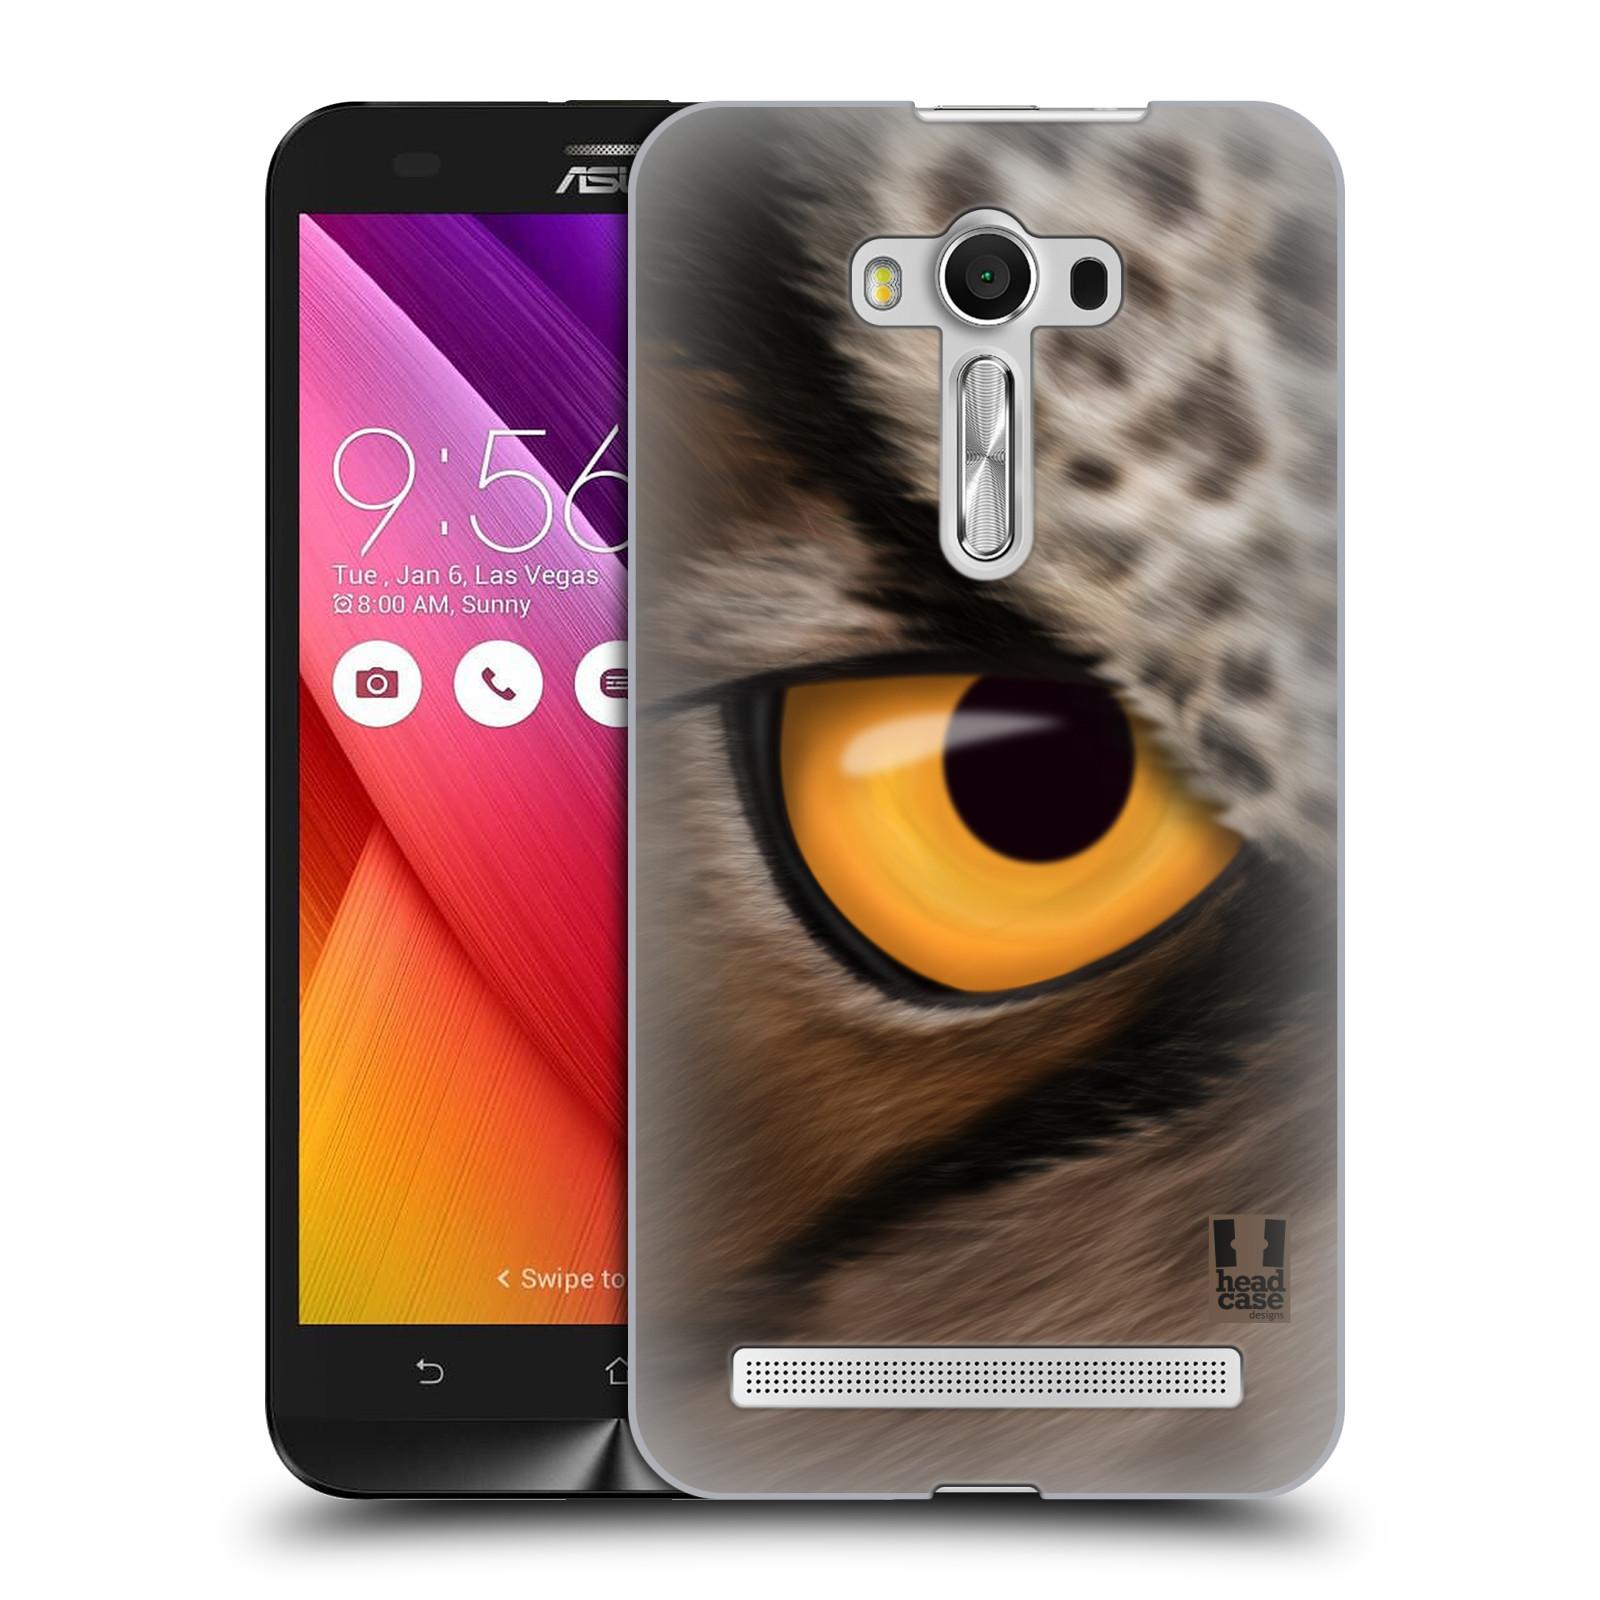 HEAD CASE plastový obal na mobil Asus Zenfone 2 LASER (5,5 displej ZE550KL) vzor pohled zvířete oko sova